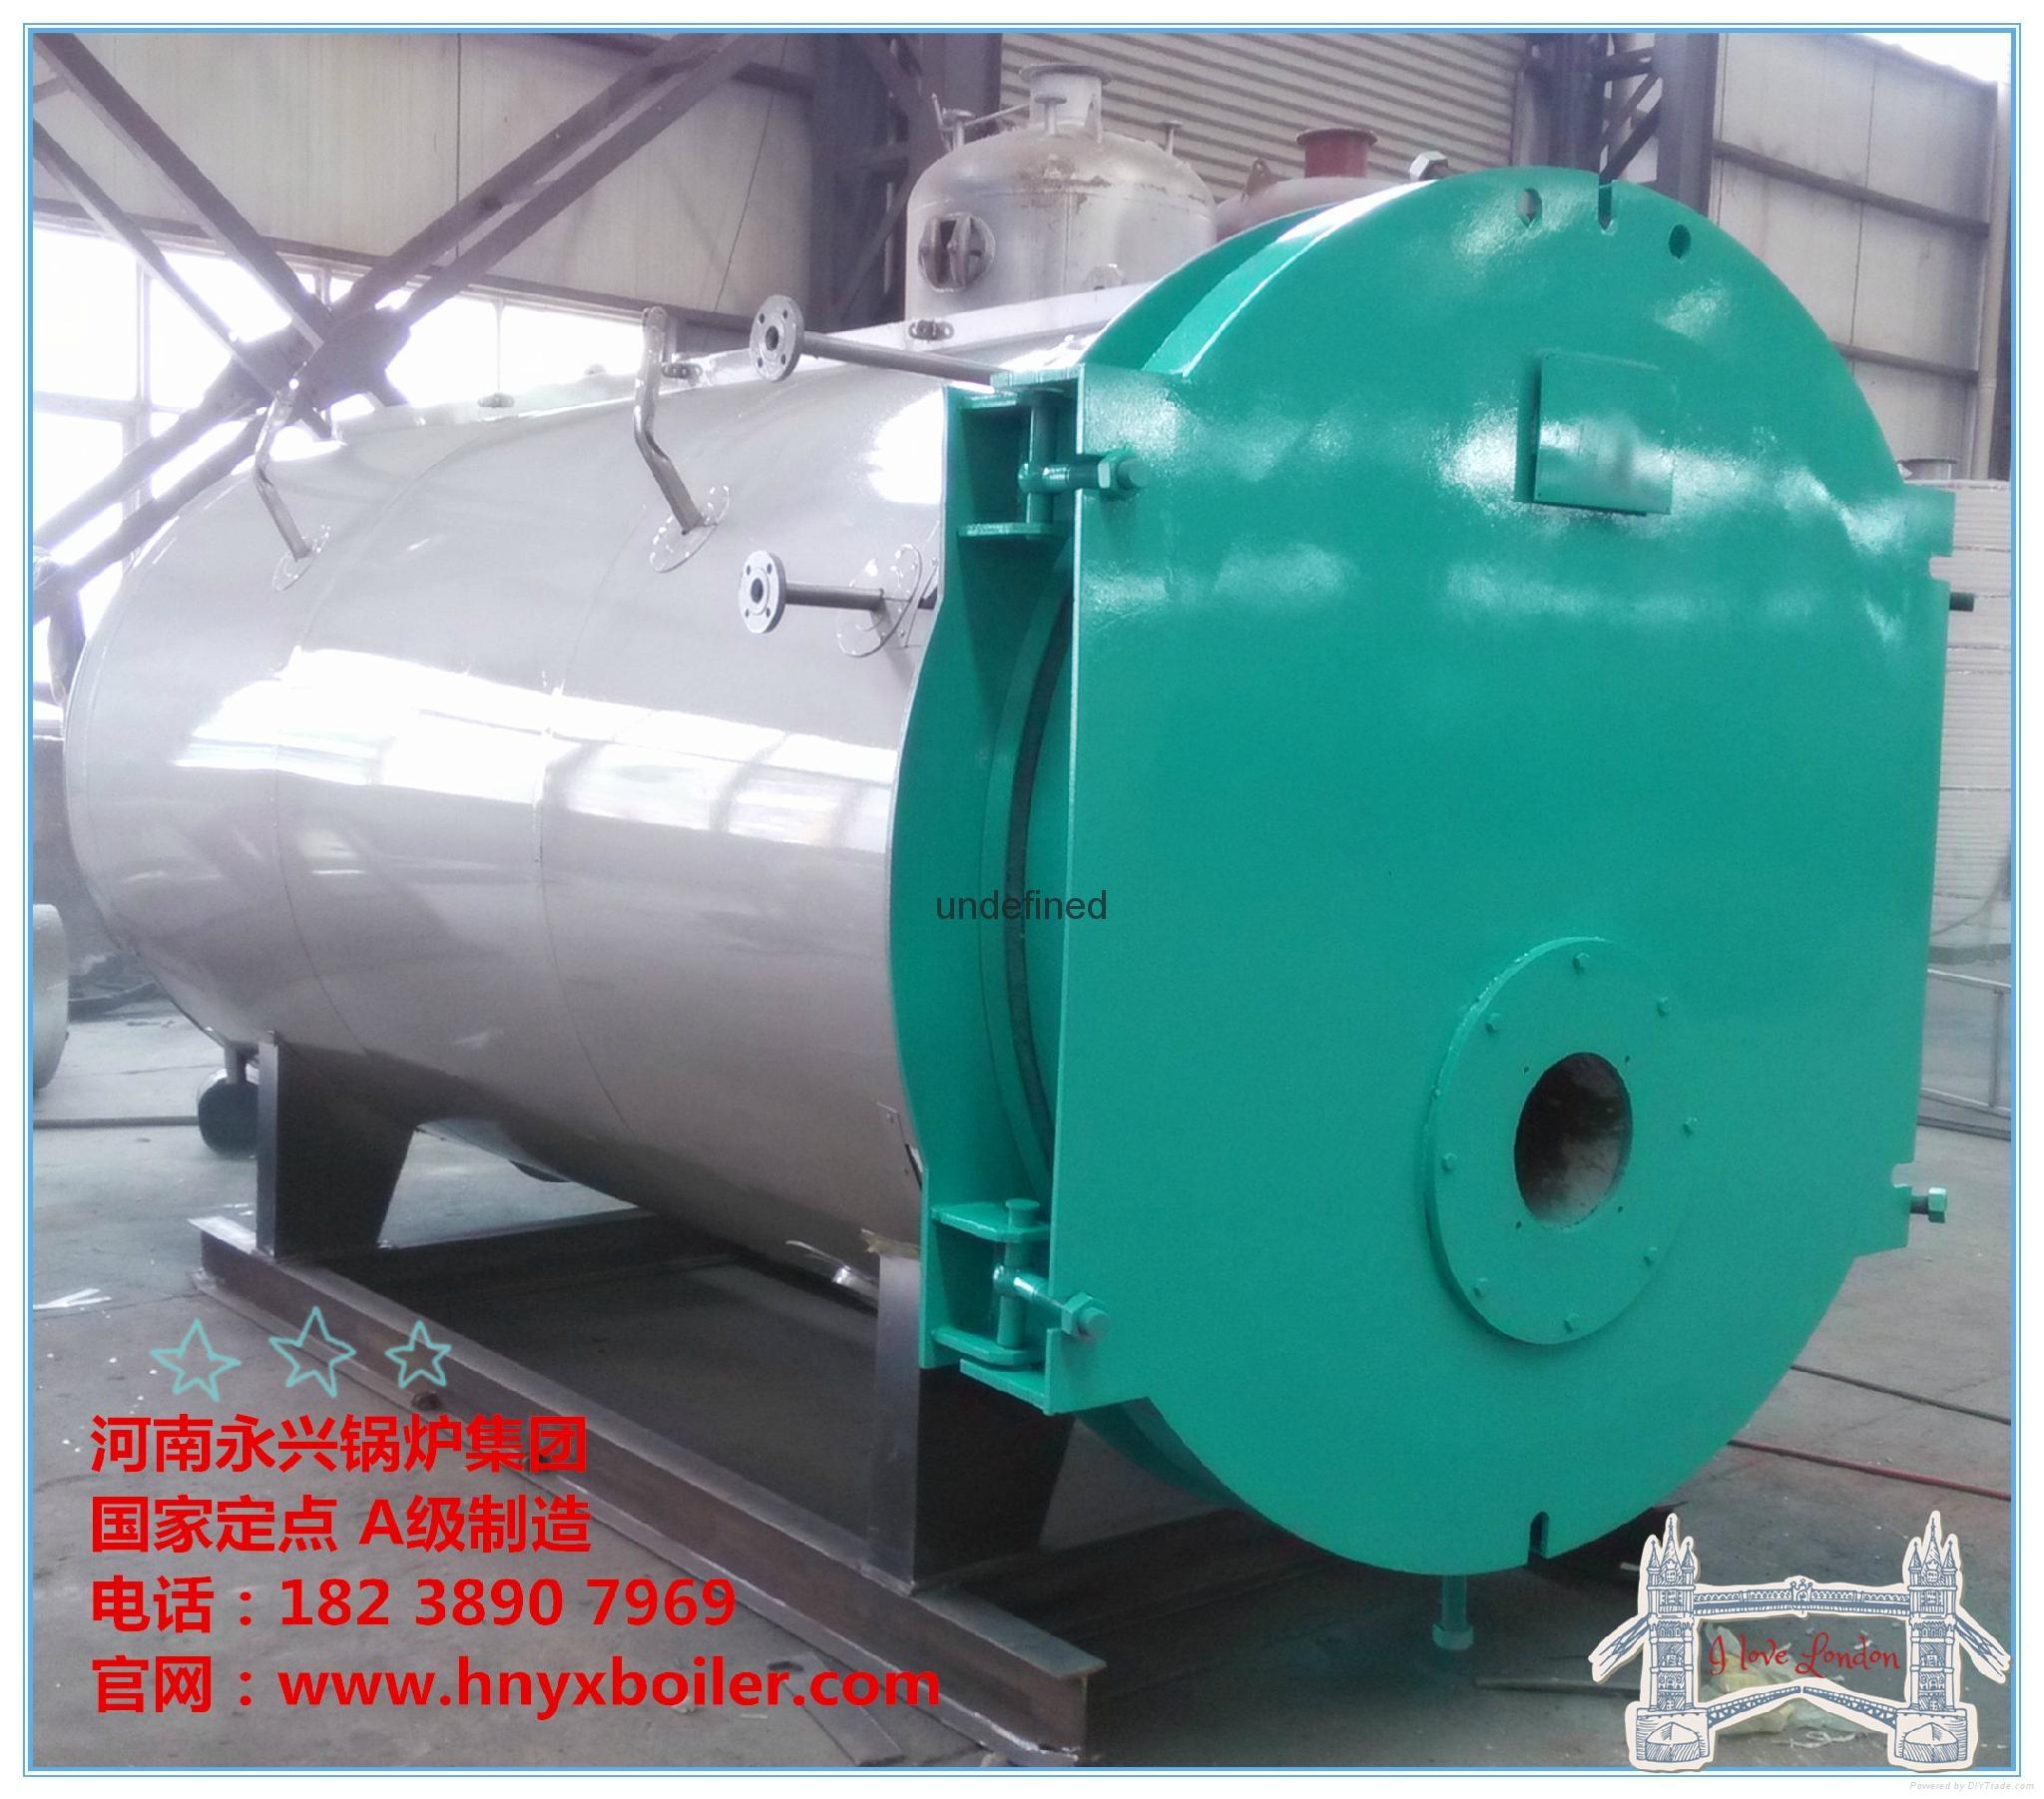 卧式燃油气蒸汽锅炉 5